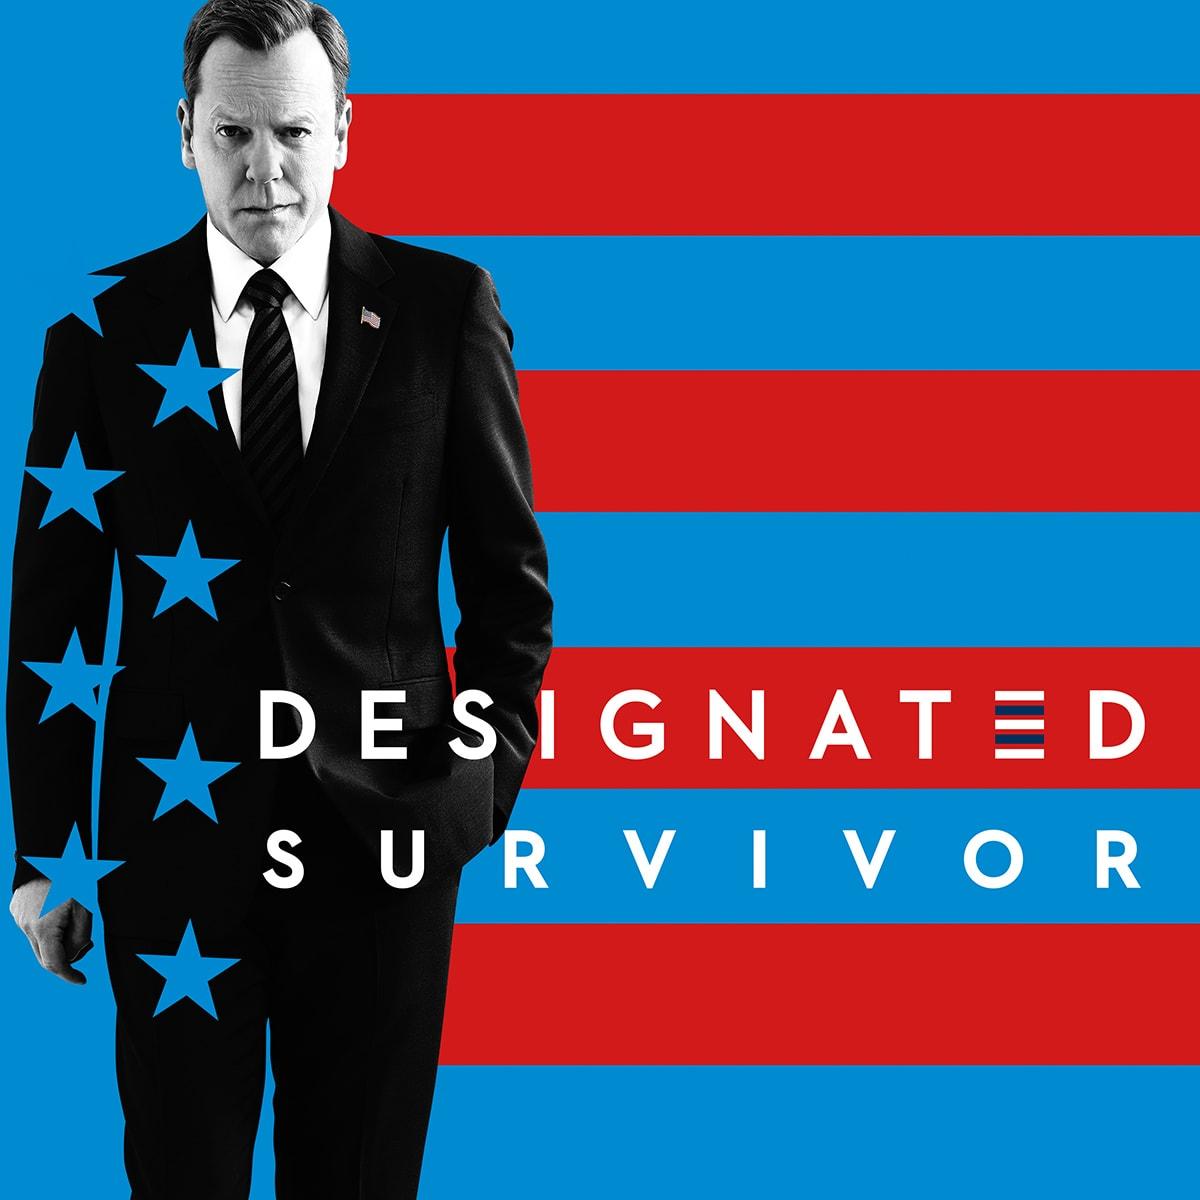 Designated-Survivor-Season-2-artwork-ABC-TV-series-Kiefer-Sutherland.jpg